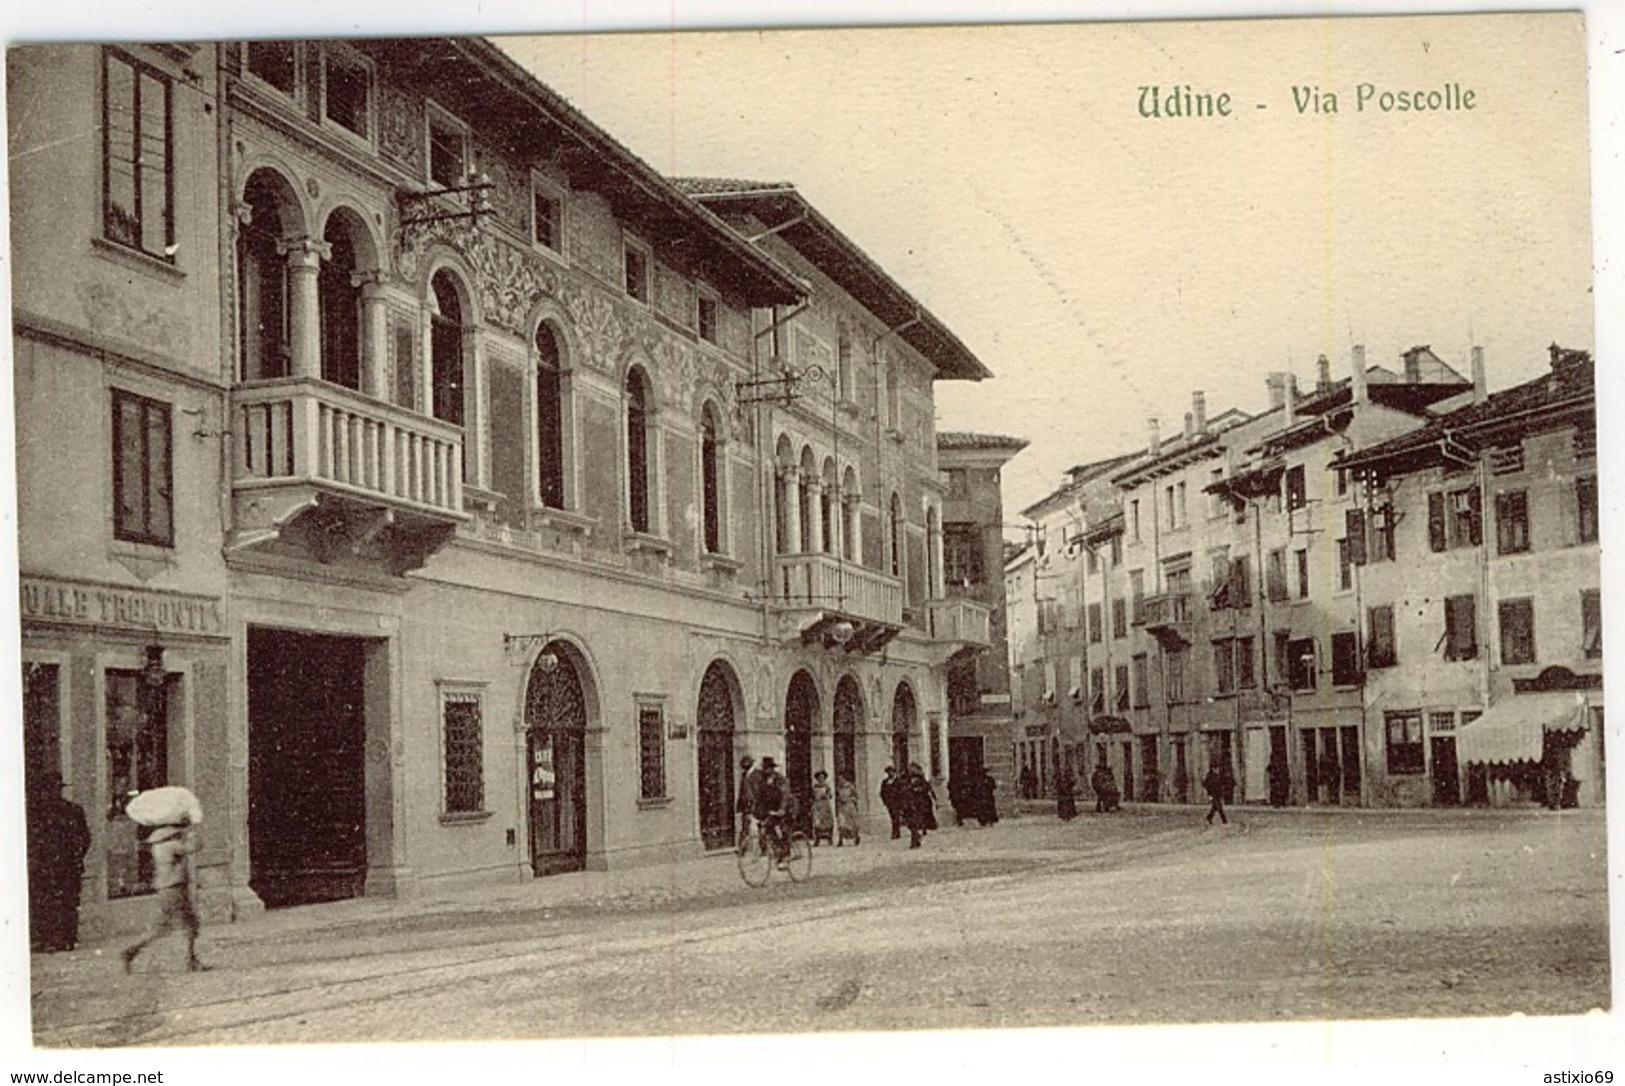 UDINE VIA POSCOLLE - Udine